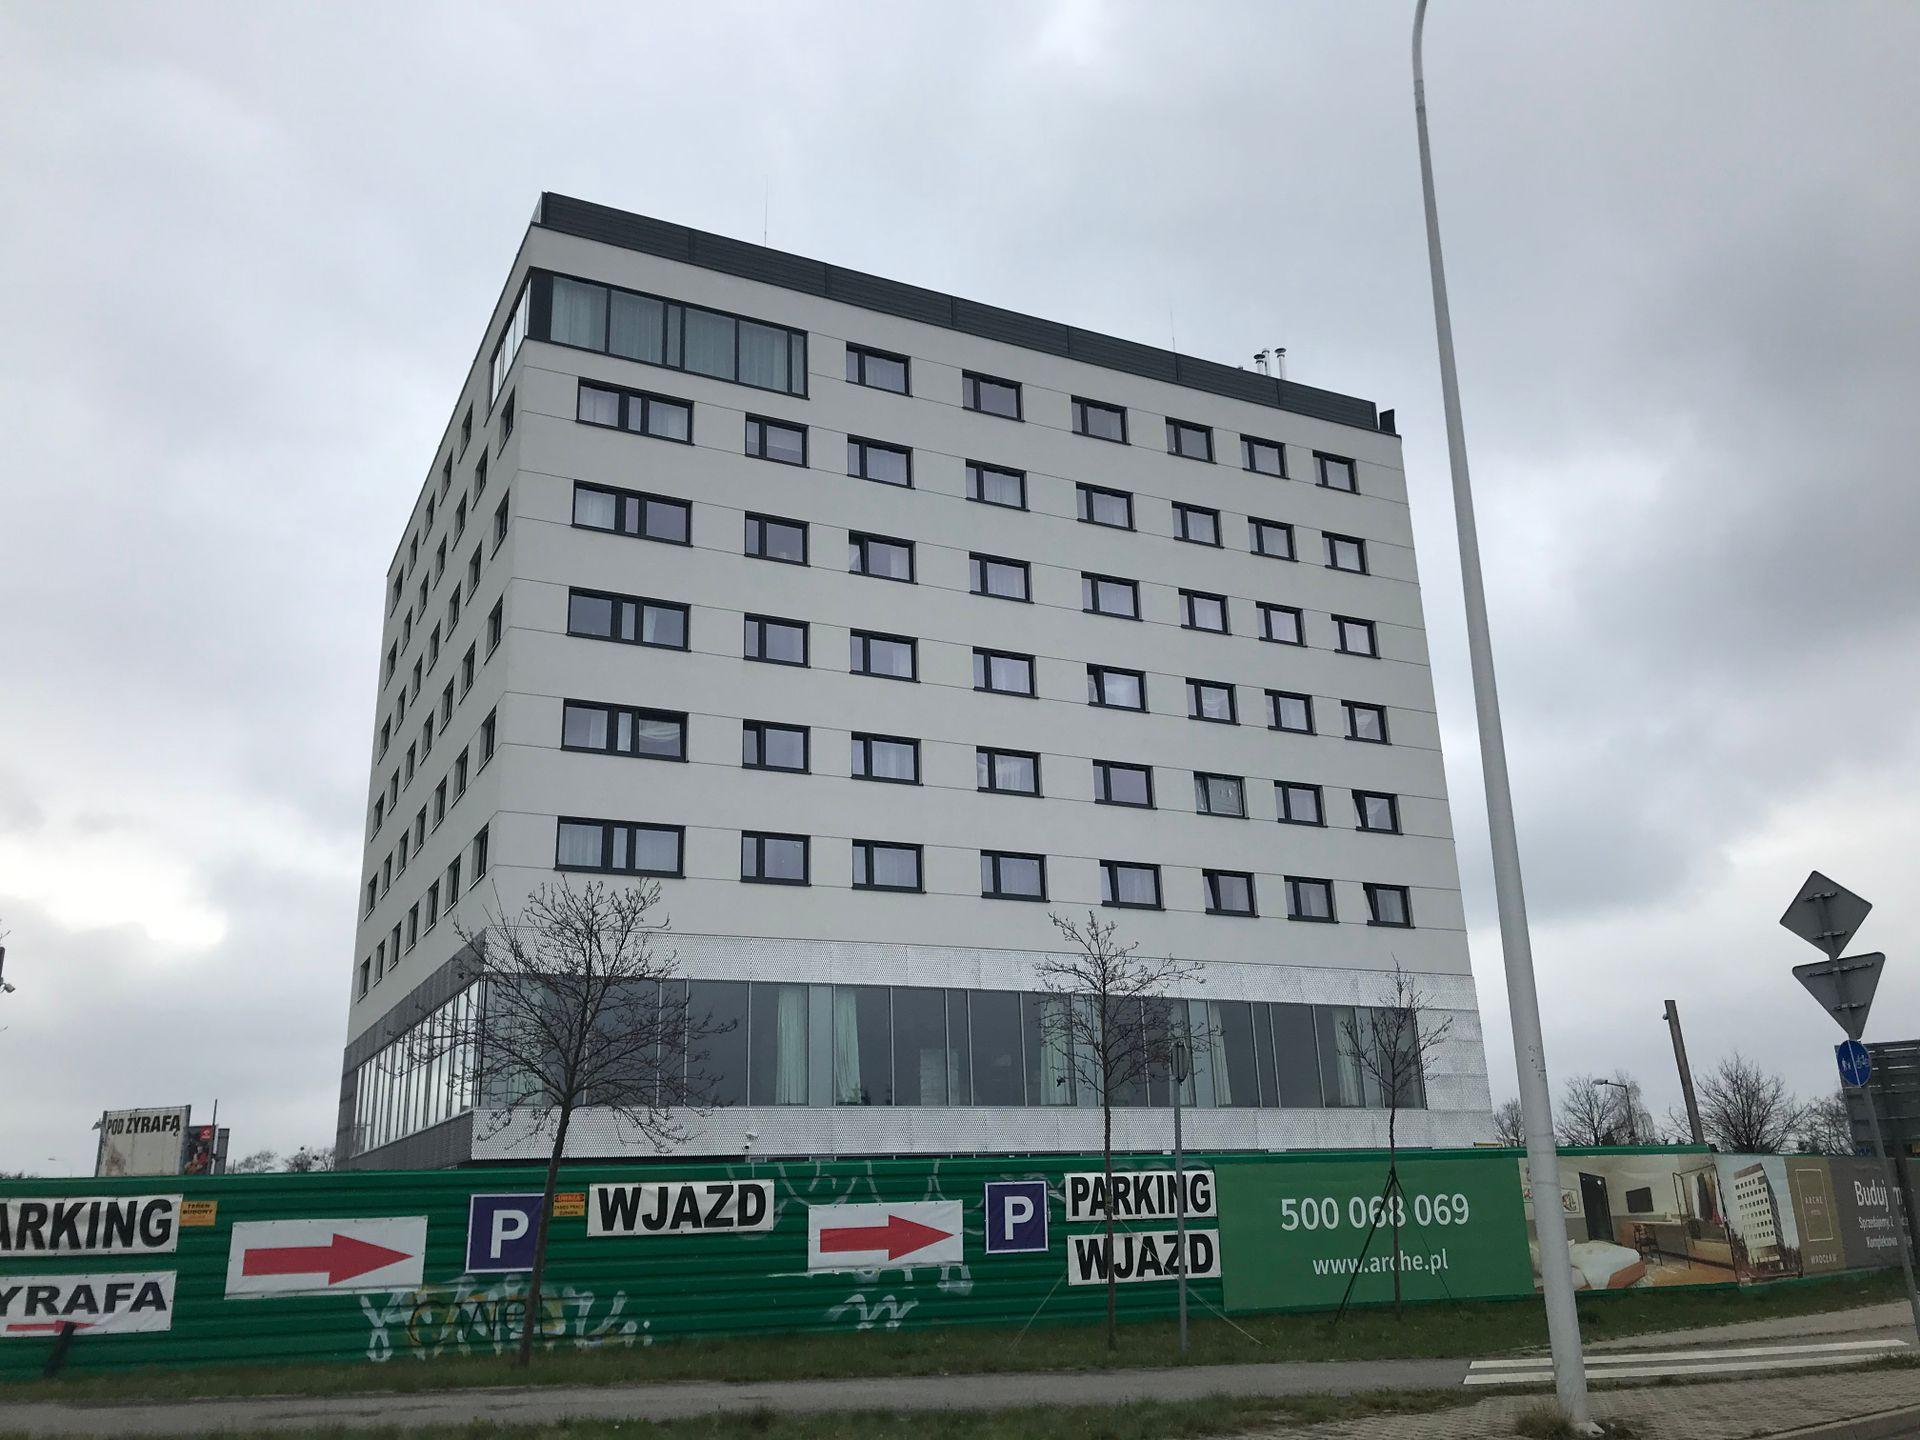 Przy lotnisku we Wrocławiu otwarto nowy hotel [ZDJĘCIA + WIZUALIZACJE]